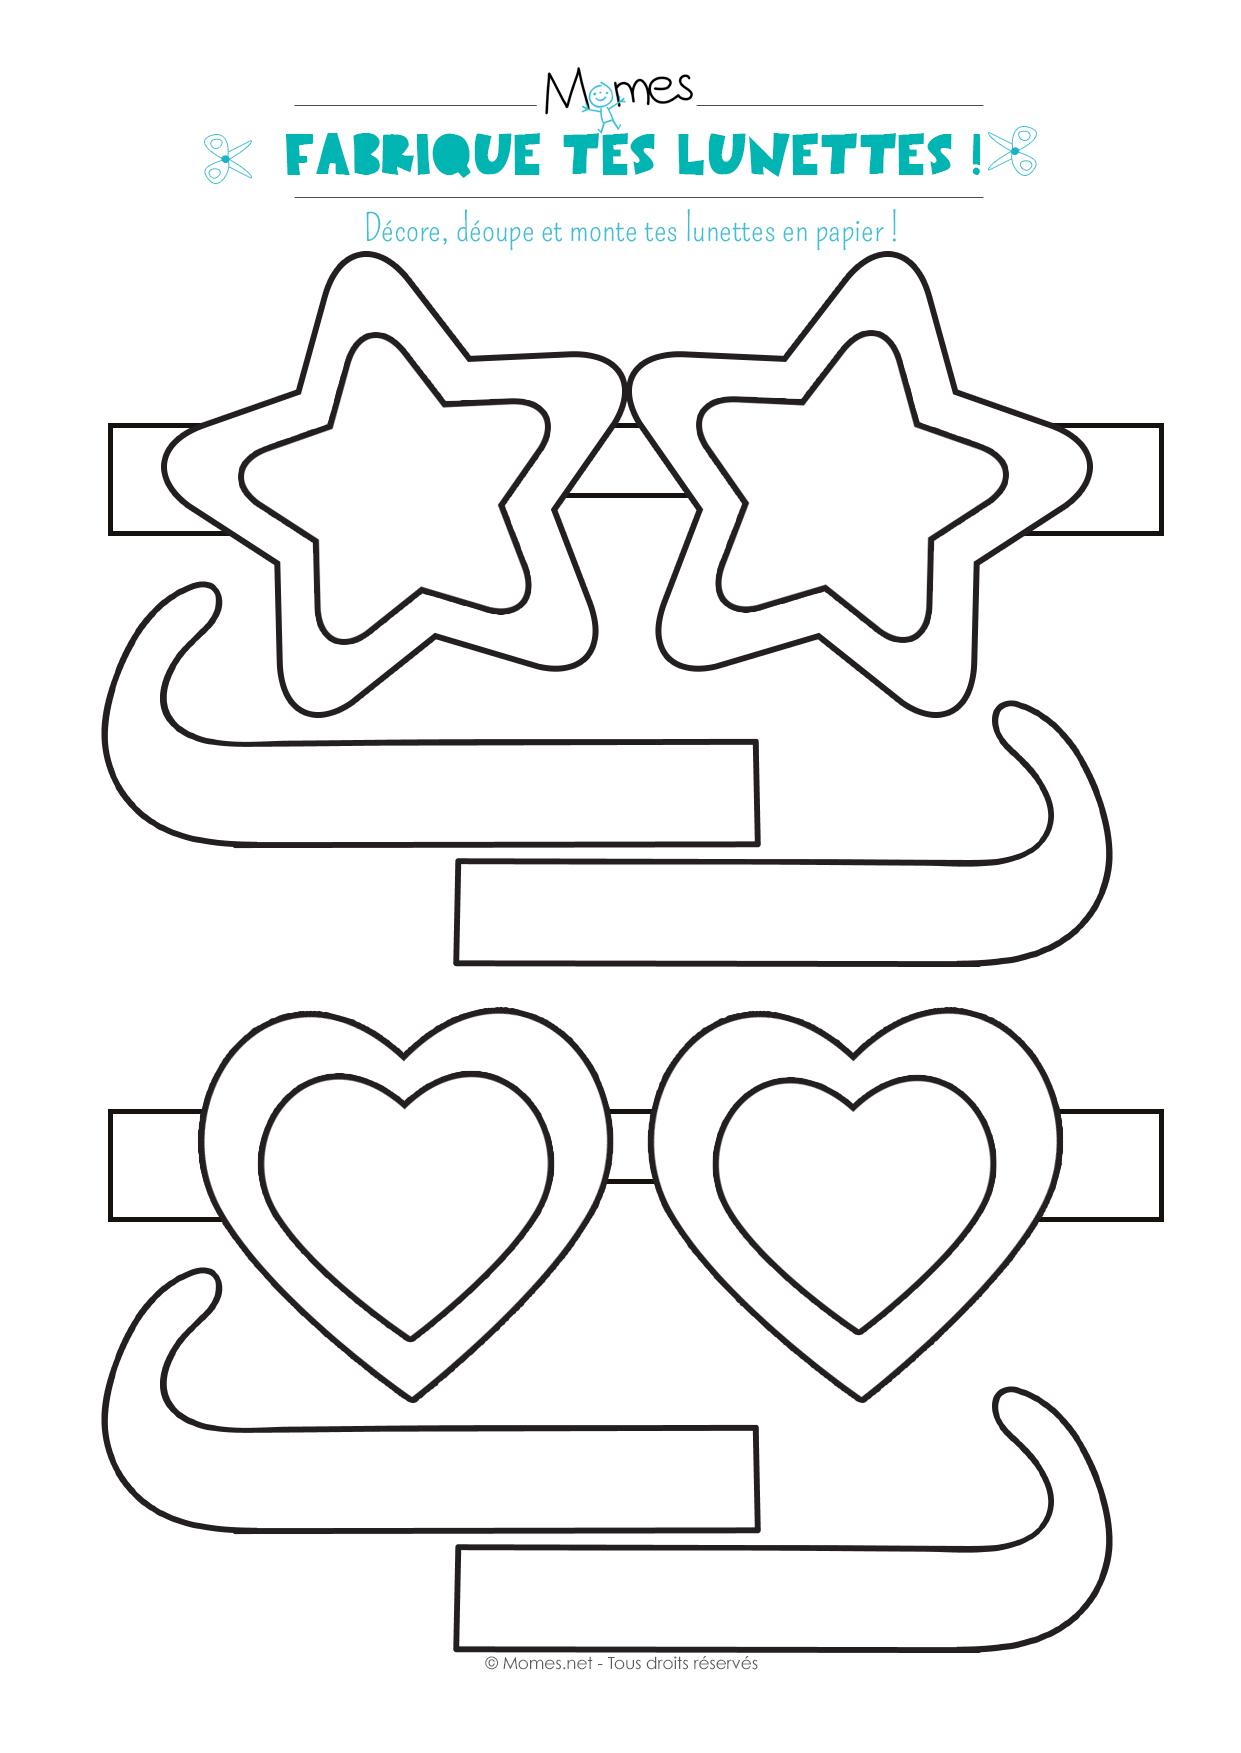 Lunettes À Imprimer Et À Colorier - Momes intérieur Dessin A Decouper Et A Imprimer